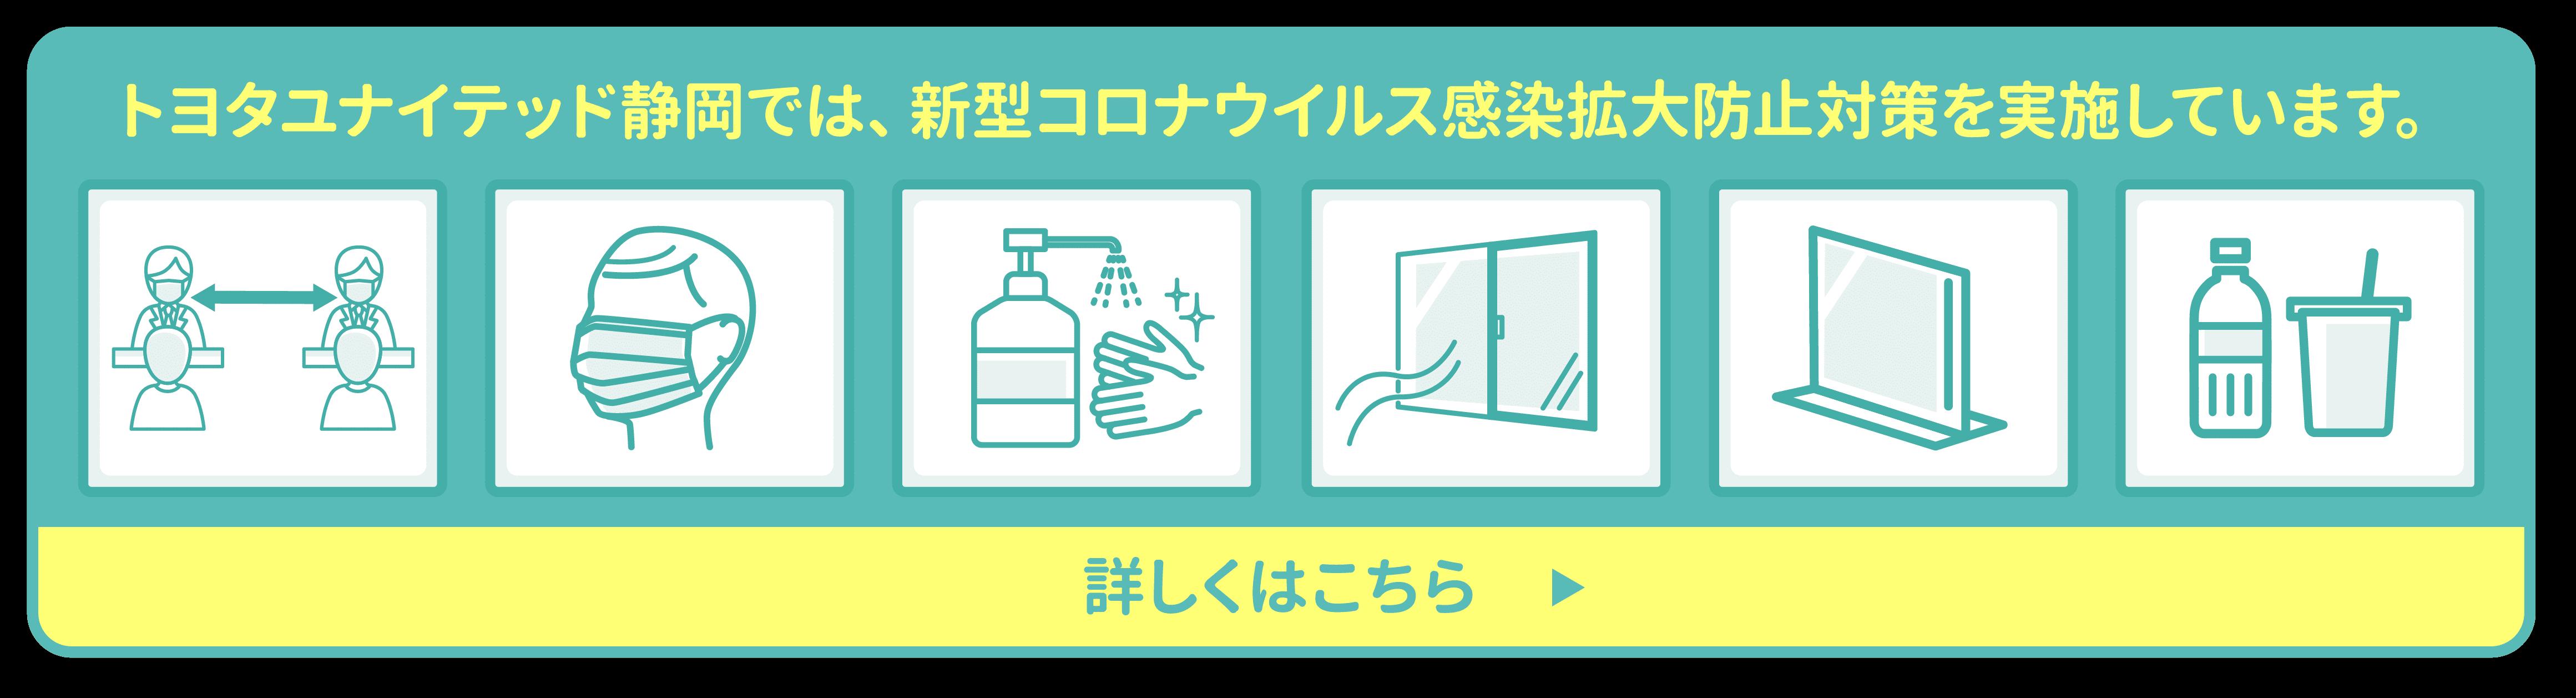 トヨタユナイテッド静岡では、新型コロナウイルス感染拡大防止対策を実施しています。 詳しくはこちら